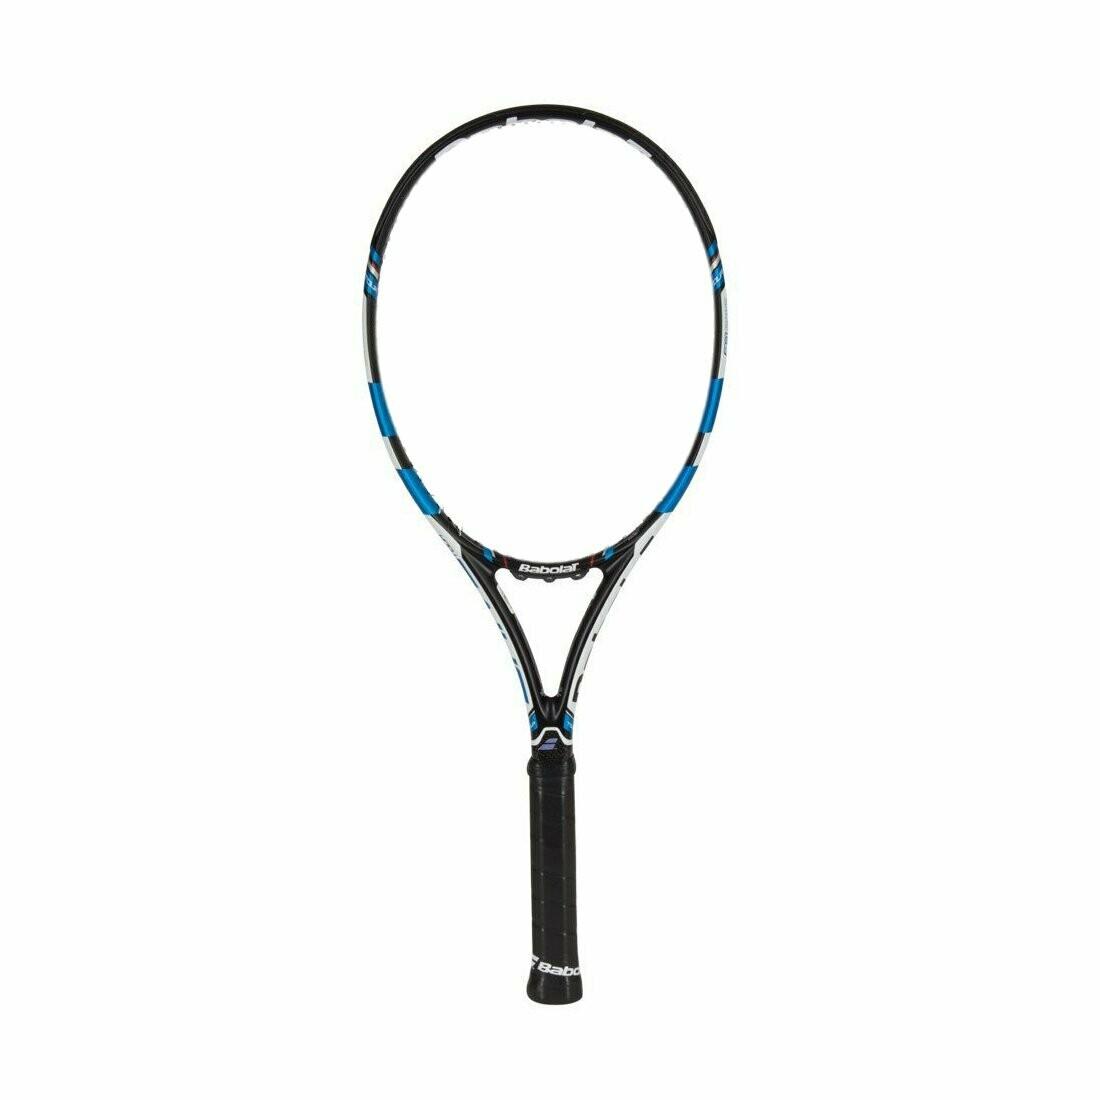 Babolat Pure Drive Tour Tennis Racquet (Unstrung), Grip Size - 43/8